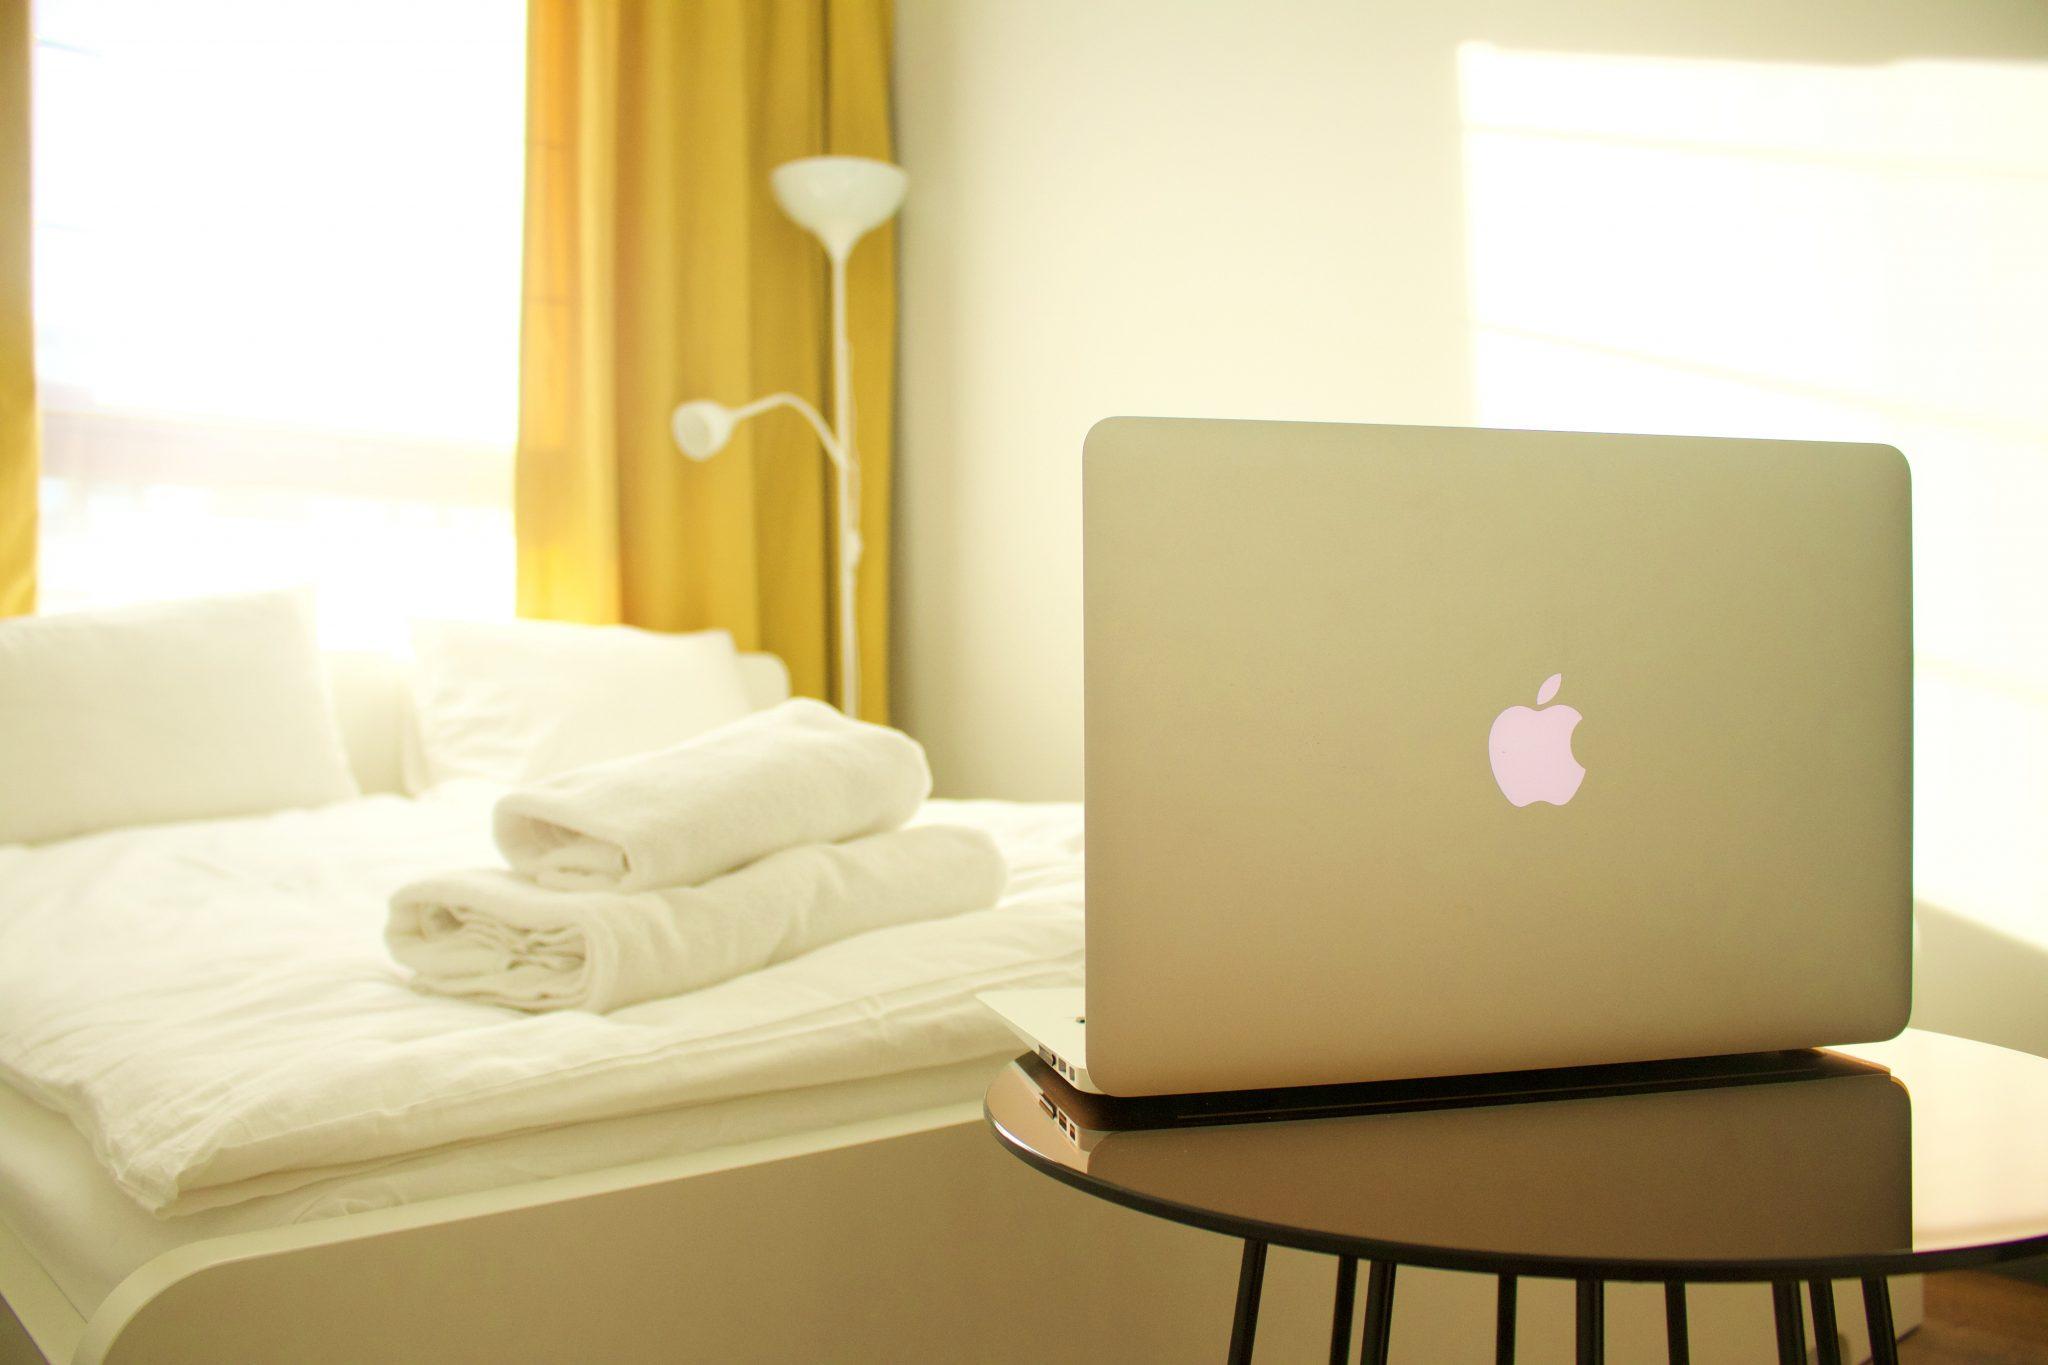 Macbook em quarto de hotel